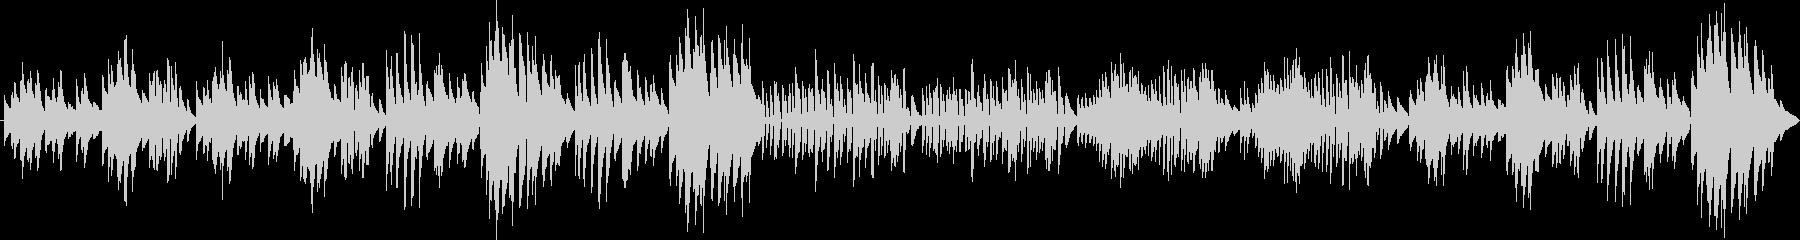 ベートーヴェン メヌエット(ピアノ)の未再生の波形